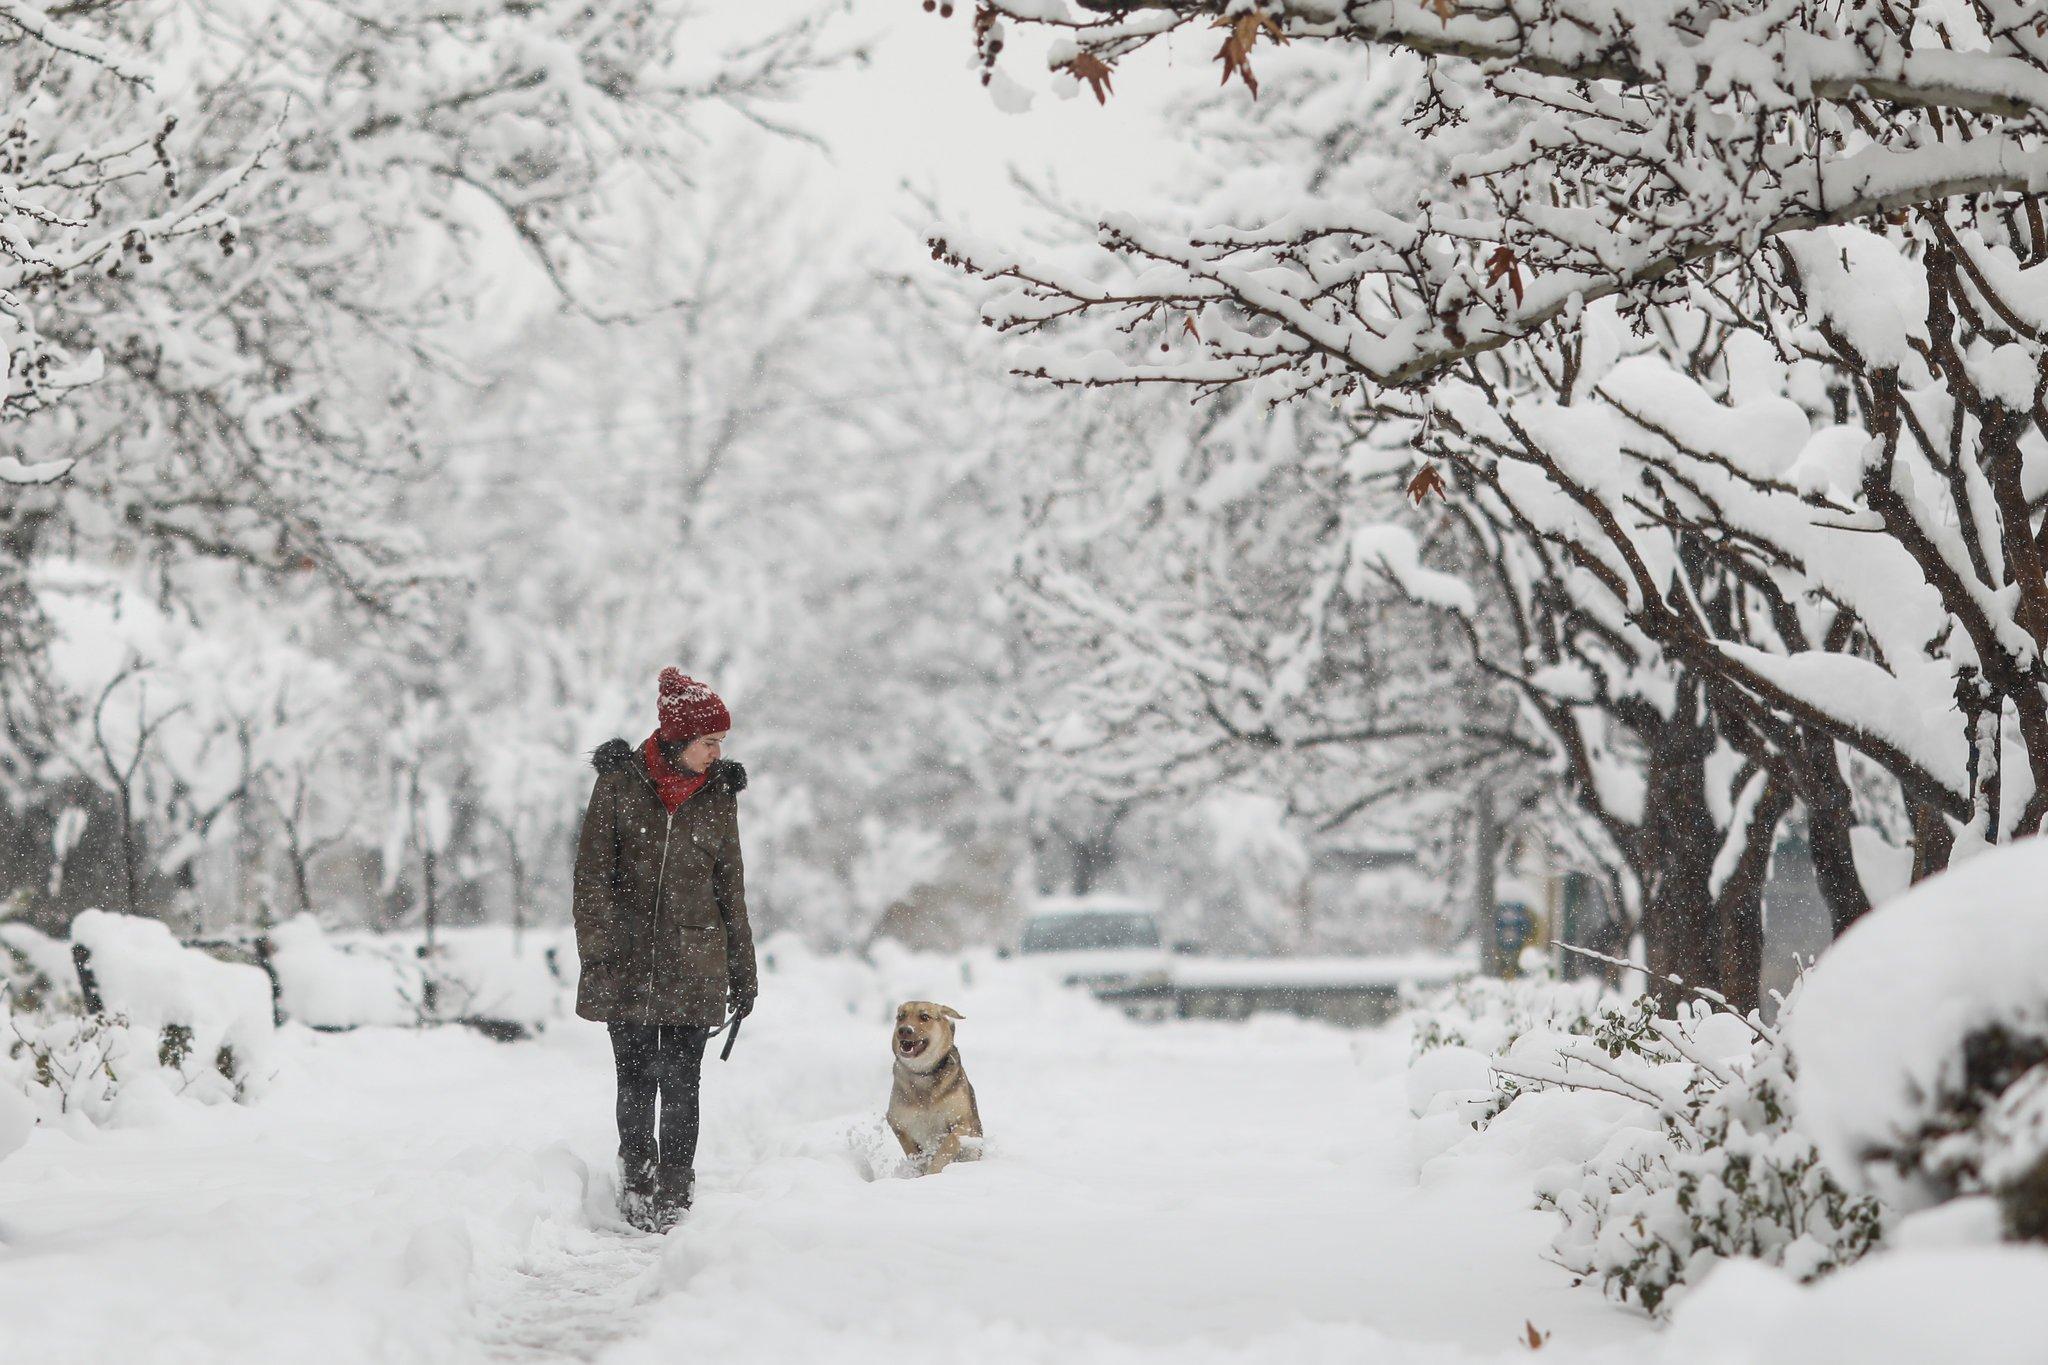 В Україні будуть 30-градусні морози: синоптики назвали дати